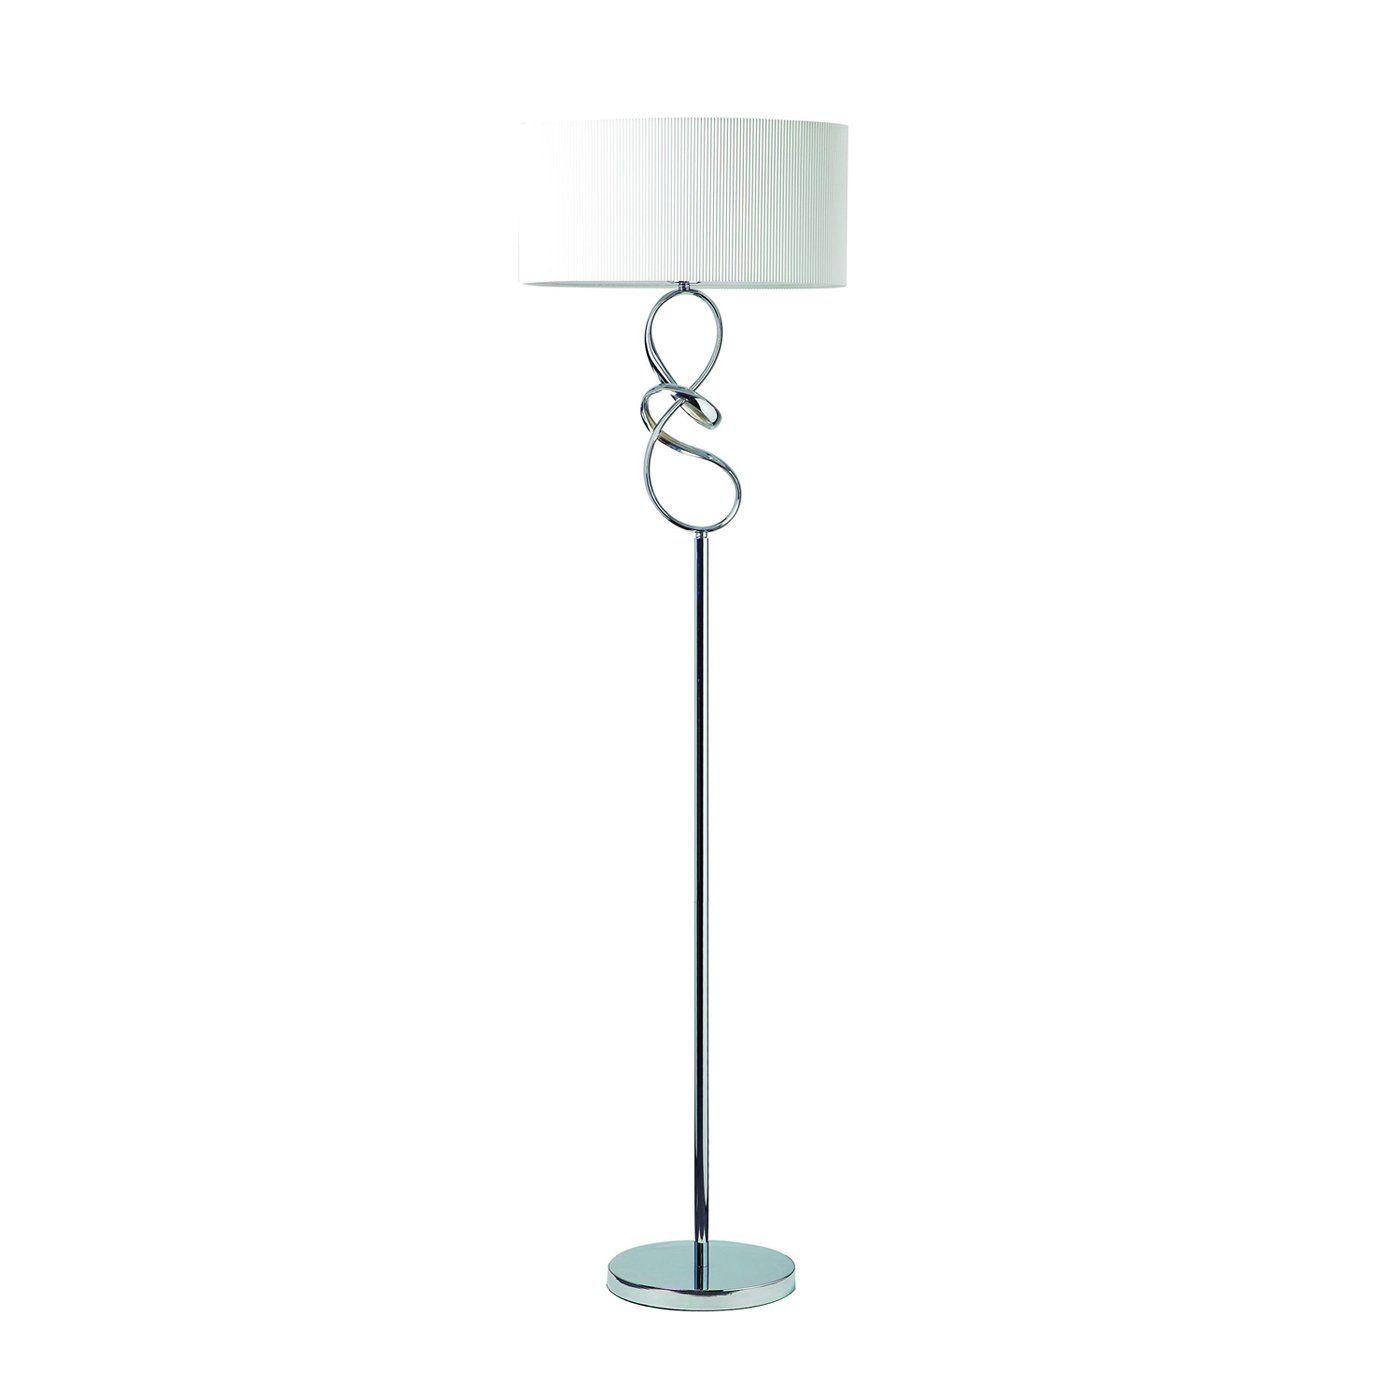 Gen-Lite 104926 Sublime Floor L& at ATG Stores  sc 1 st  Pinterest & Gen-Lite 104926 Sublime Floor Lamp at ATG Stores | Lamps ... azcodes.com